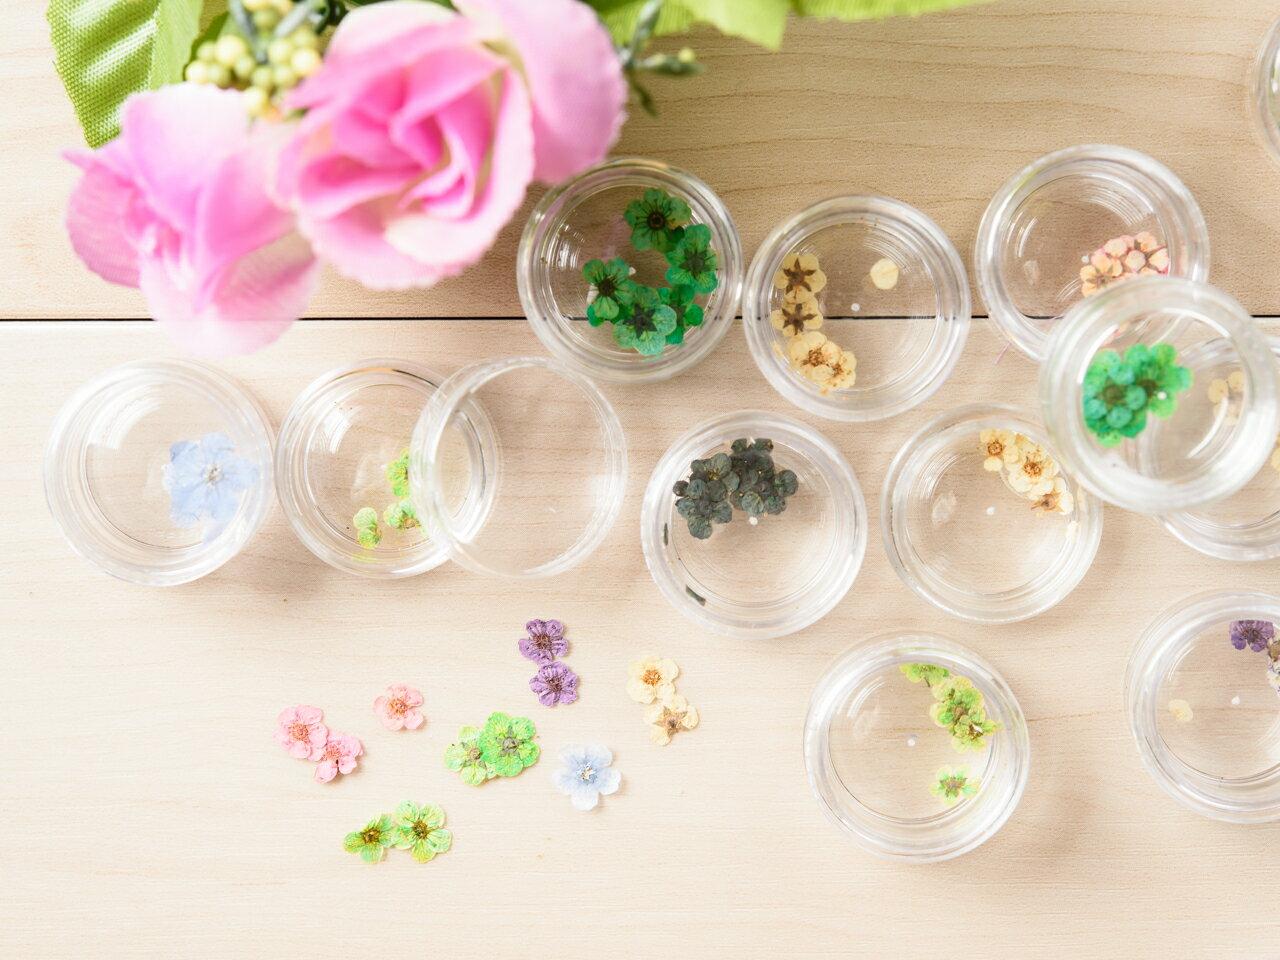 ドライフラワー Aタイプ 12色アソート 各色5個ずつ レジン ネイル 材料 パーツ押し花 乾燥花